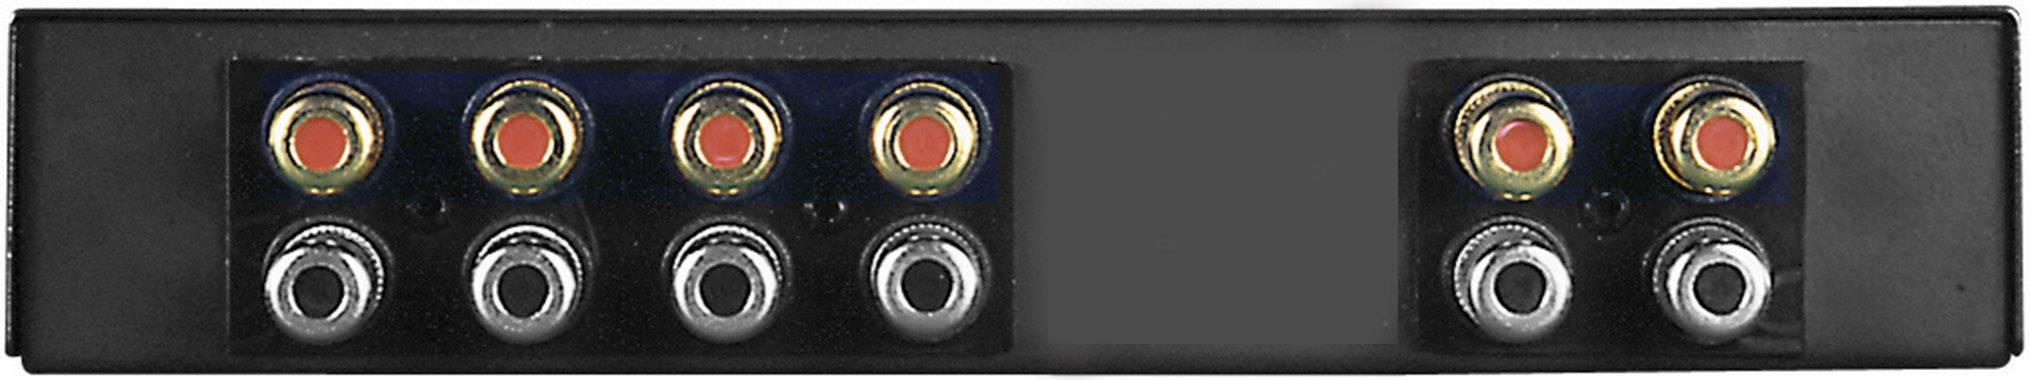 Prepínač reproduktorov SpeaKa Professional SPC-5 HQ, s 2 portmi, čierna